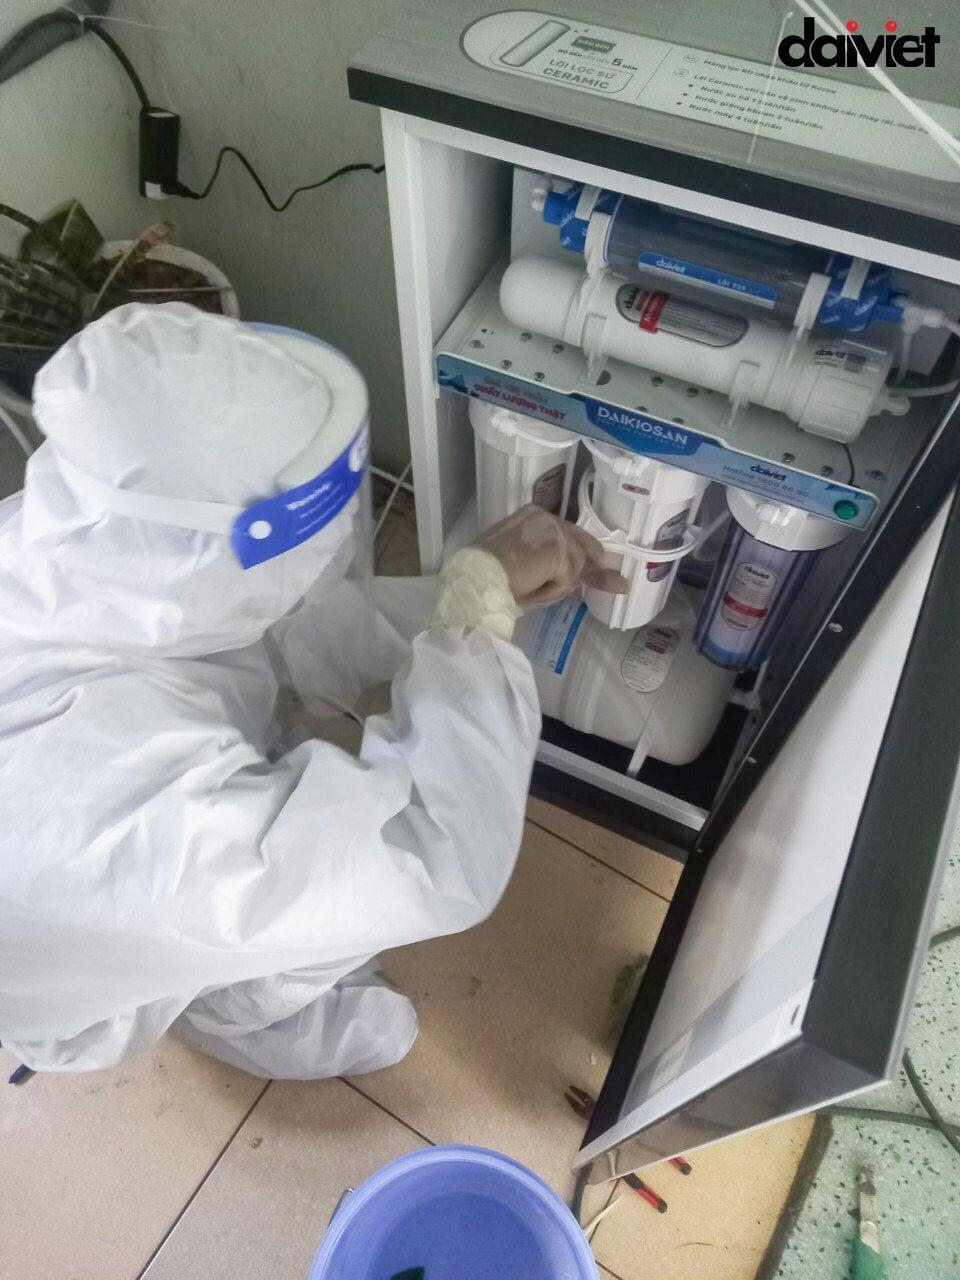 Đội ngũ nhân viên Đại Việt không quản khó khăn mang nước sạch đến bệnh viện dã chiến